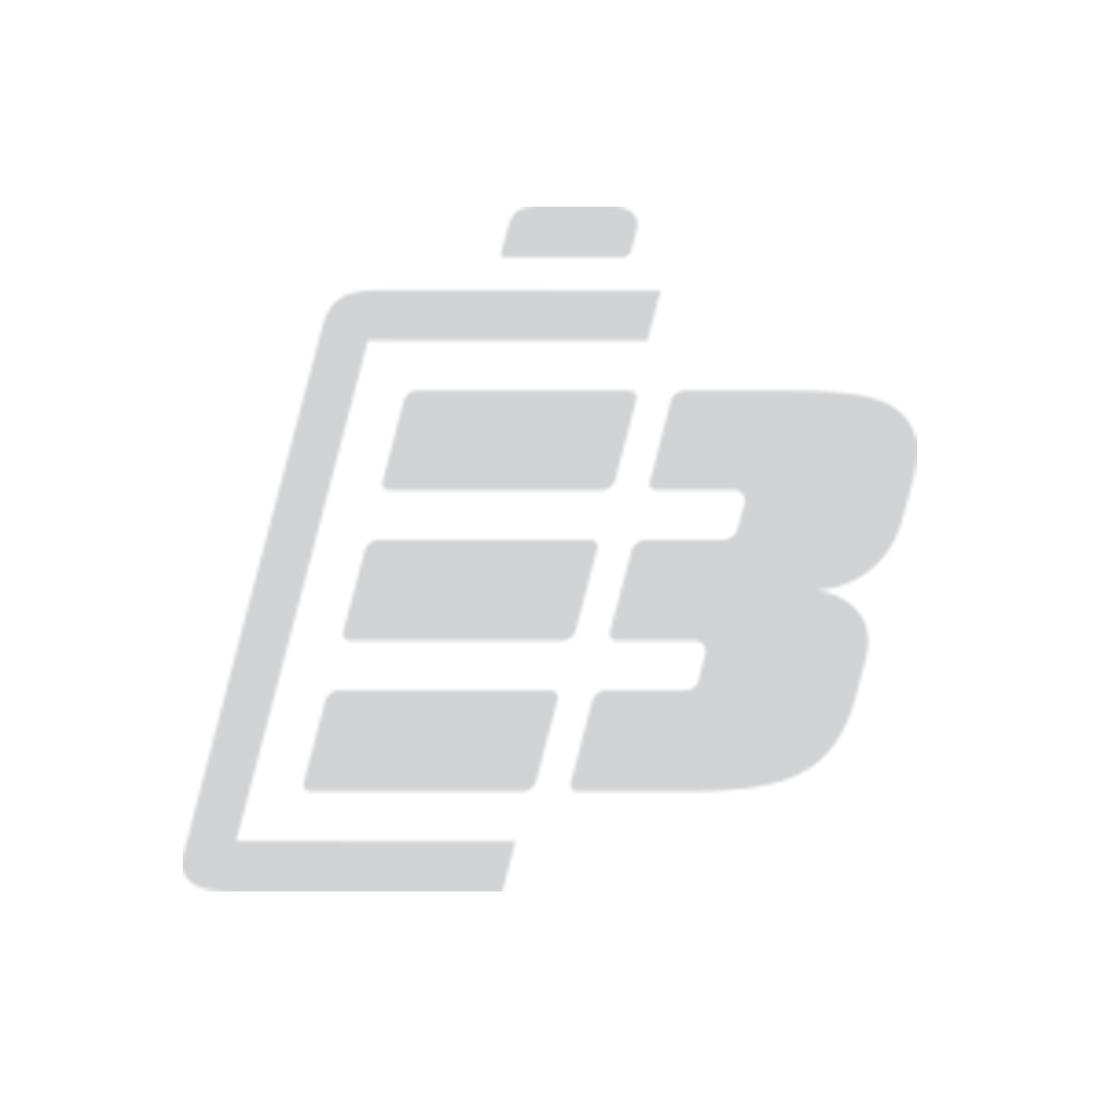 Μπαταρία ηλεκτρικού εργαλείου Bosch 9.6V 2.0Ah_1